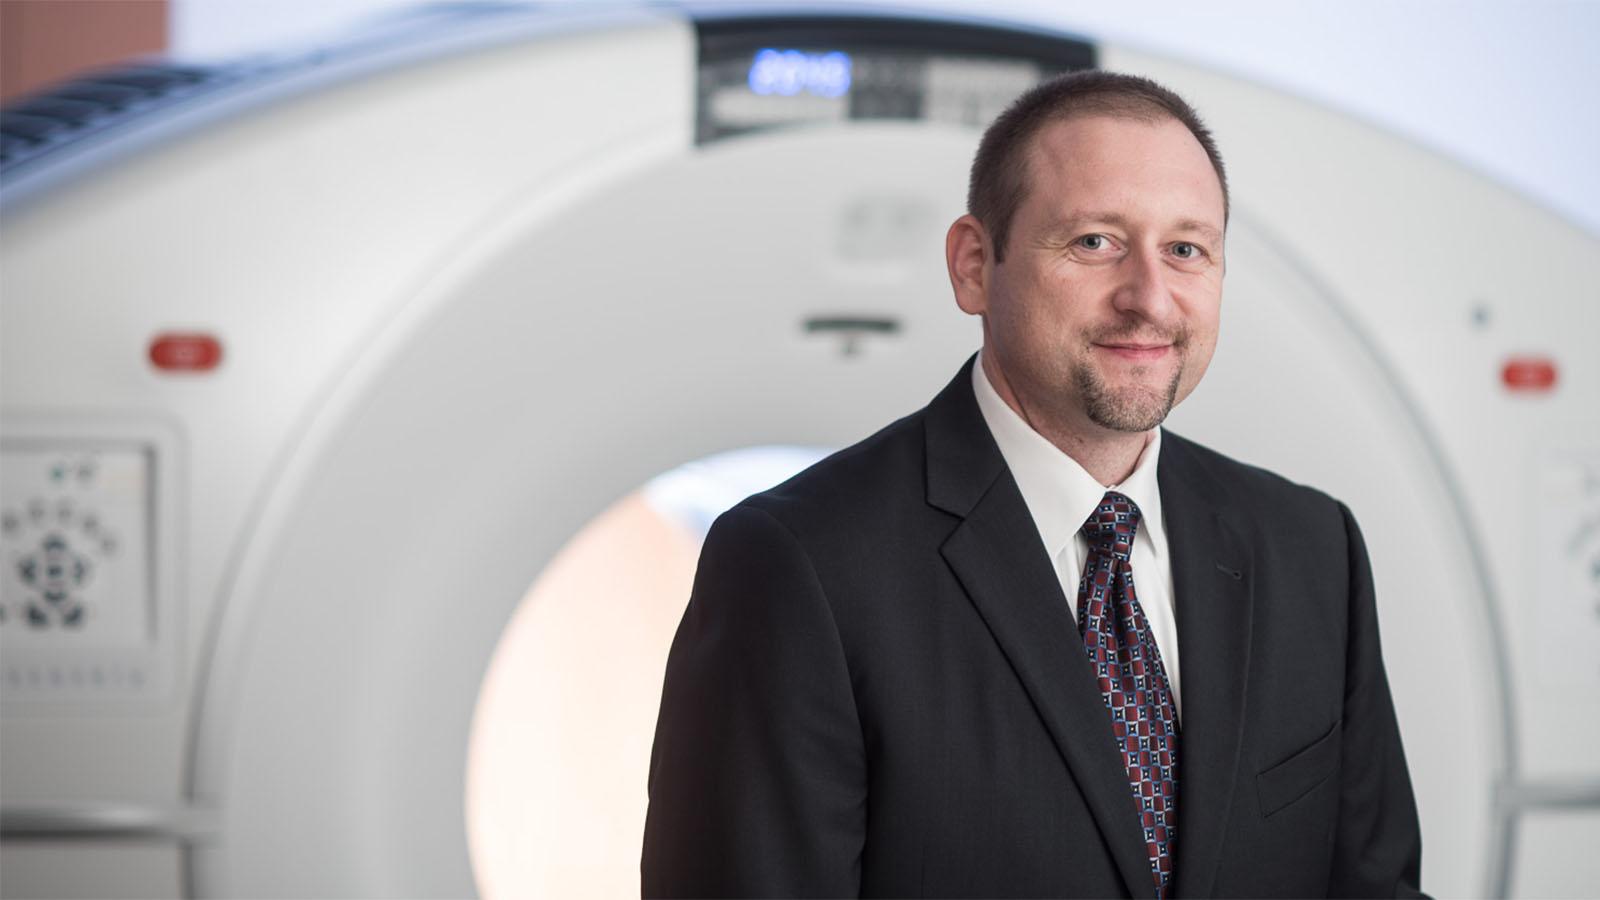 Thaddeus Wadas, PhD